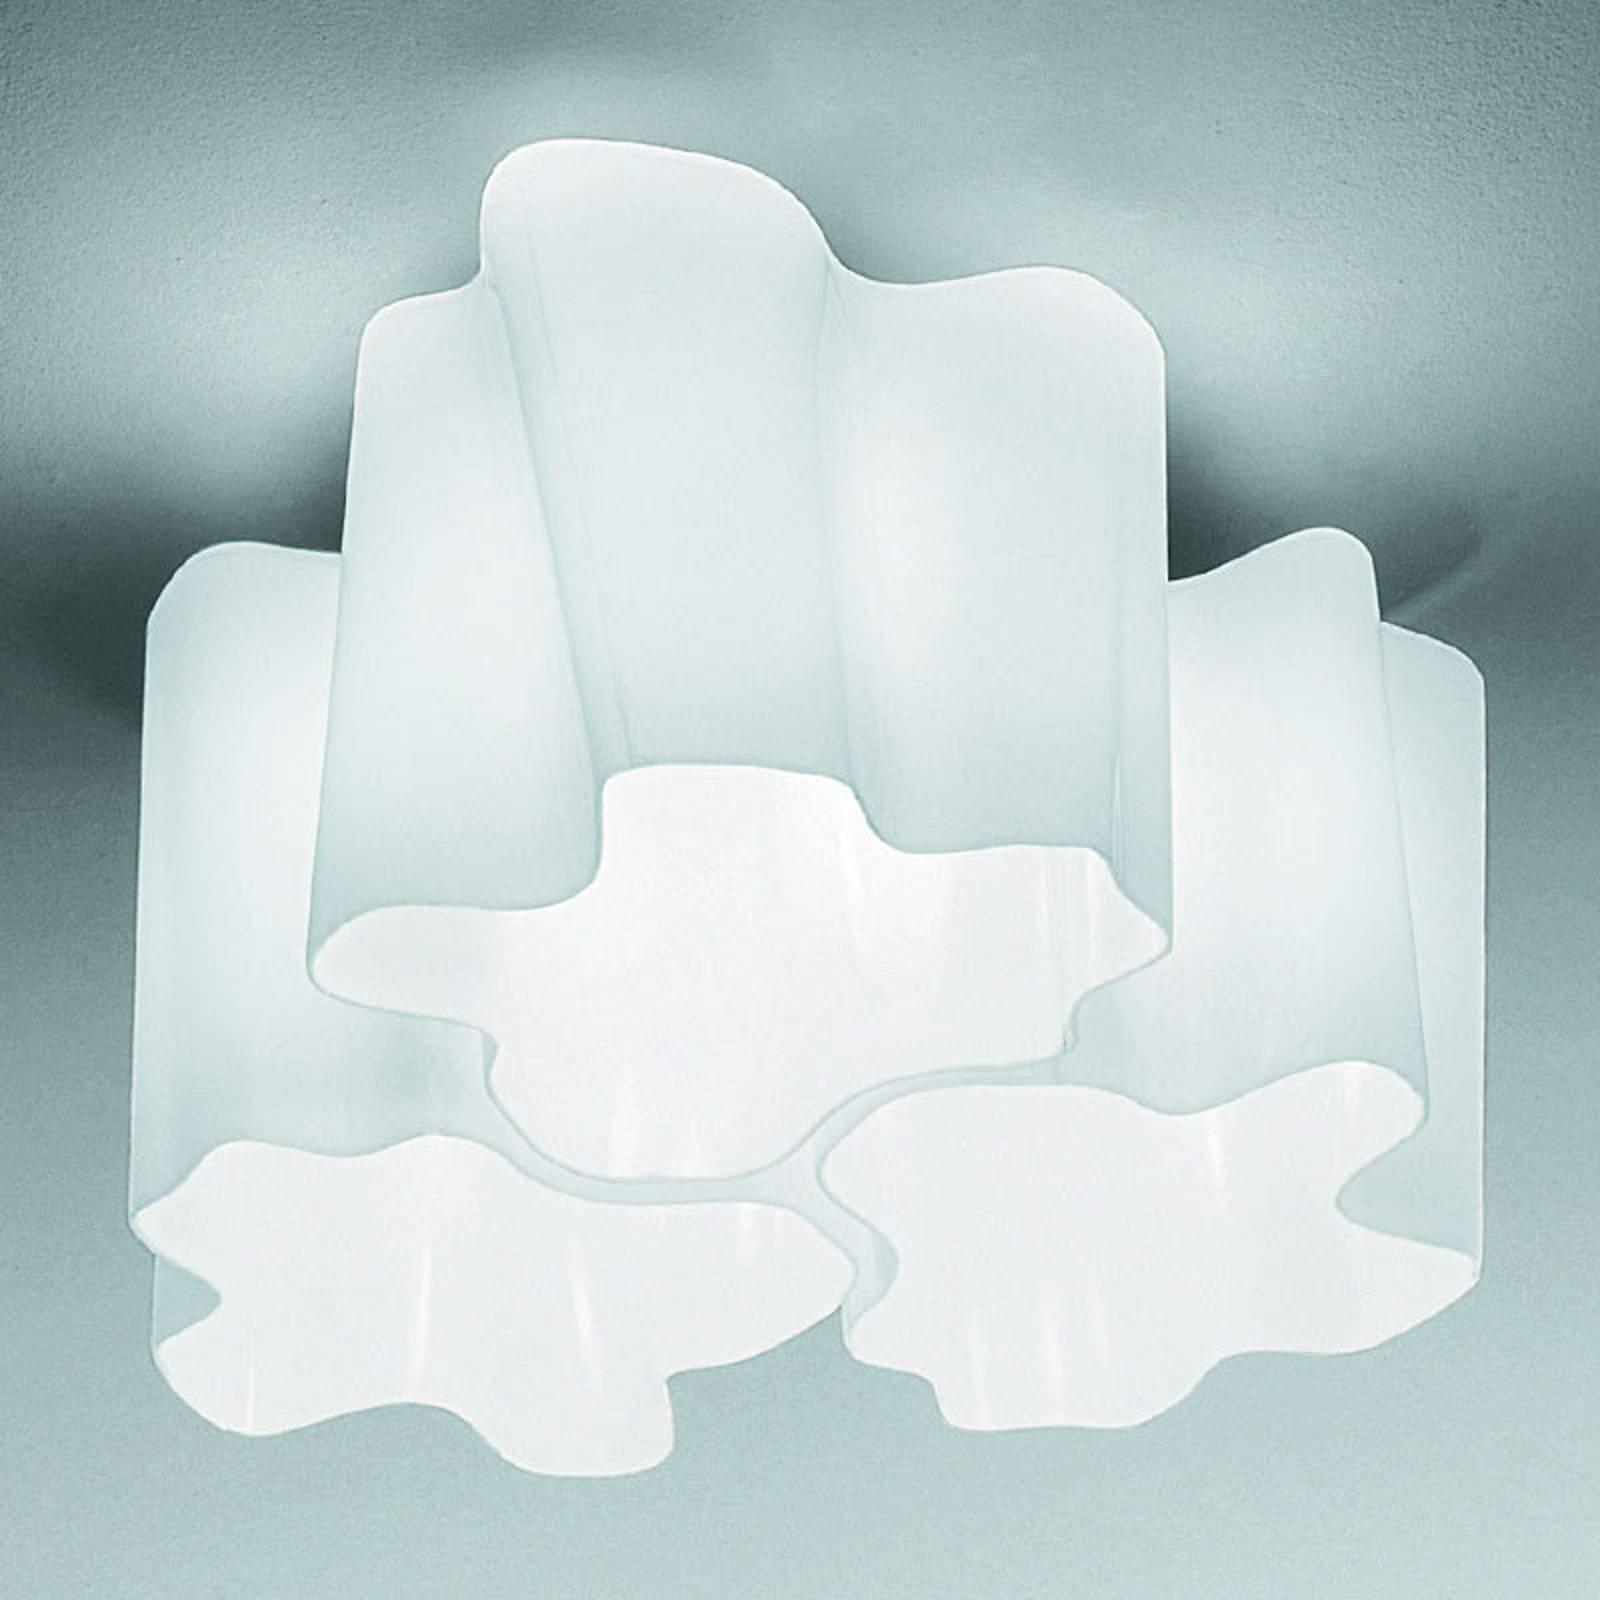 Artemide Logico plafoniera 3 luci 120° 45x45 cm